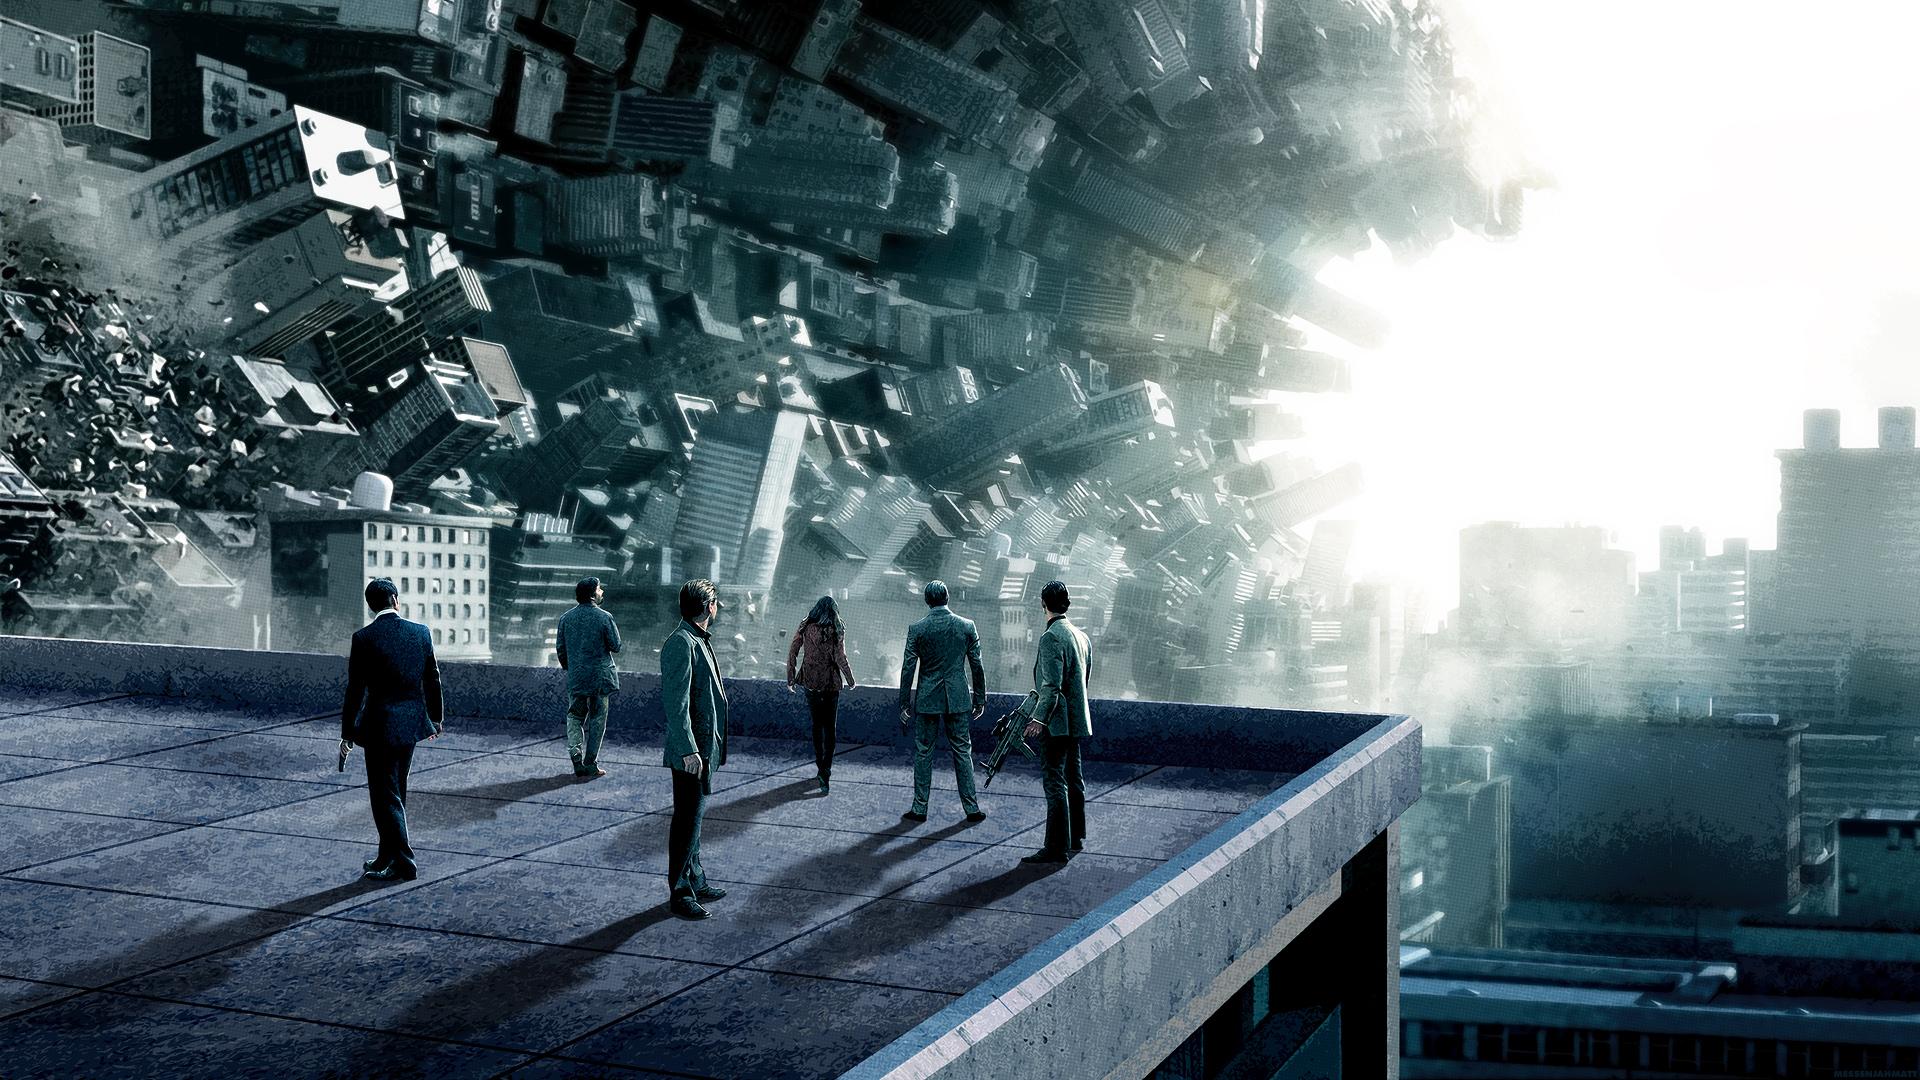 Yeni Binyılın Tür Sineması: 17 Yıl 17 Film 1 – inception